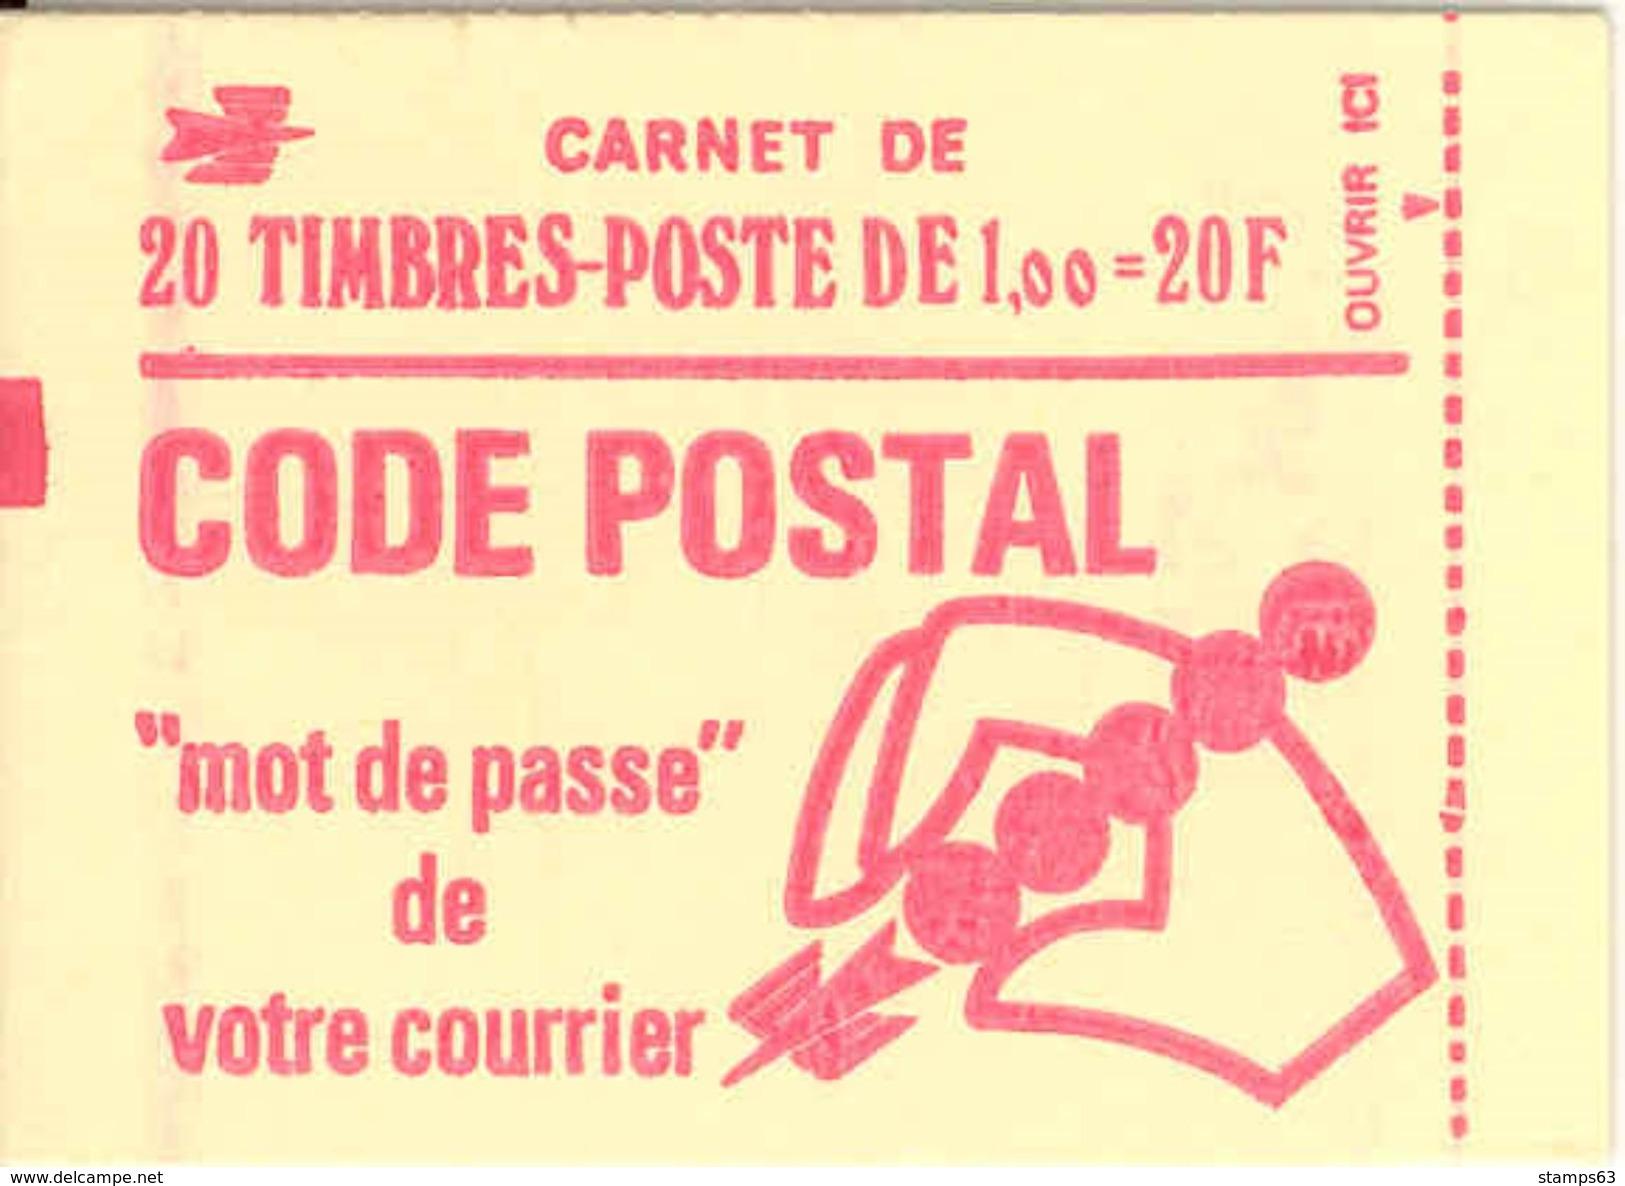 FRANCE - BOOKLET / CARNET, Yvert 1892-c3, 1976, 20 X 1.00 Marianne De Béquet - Usage Courant